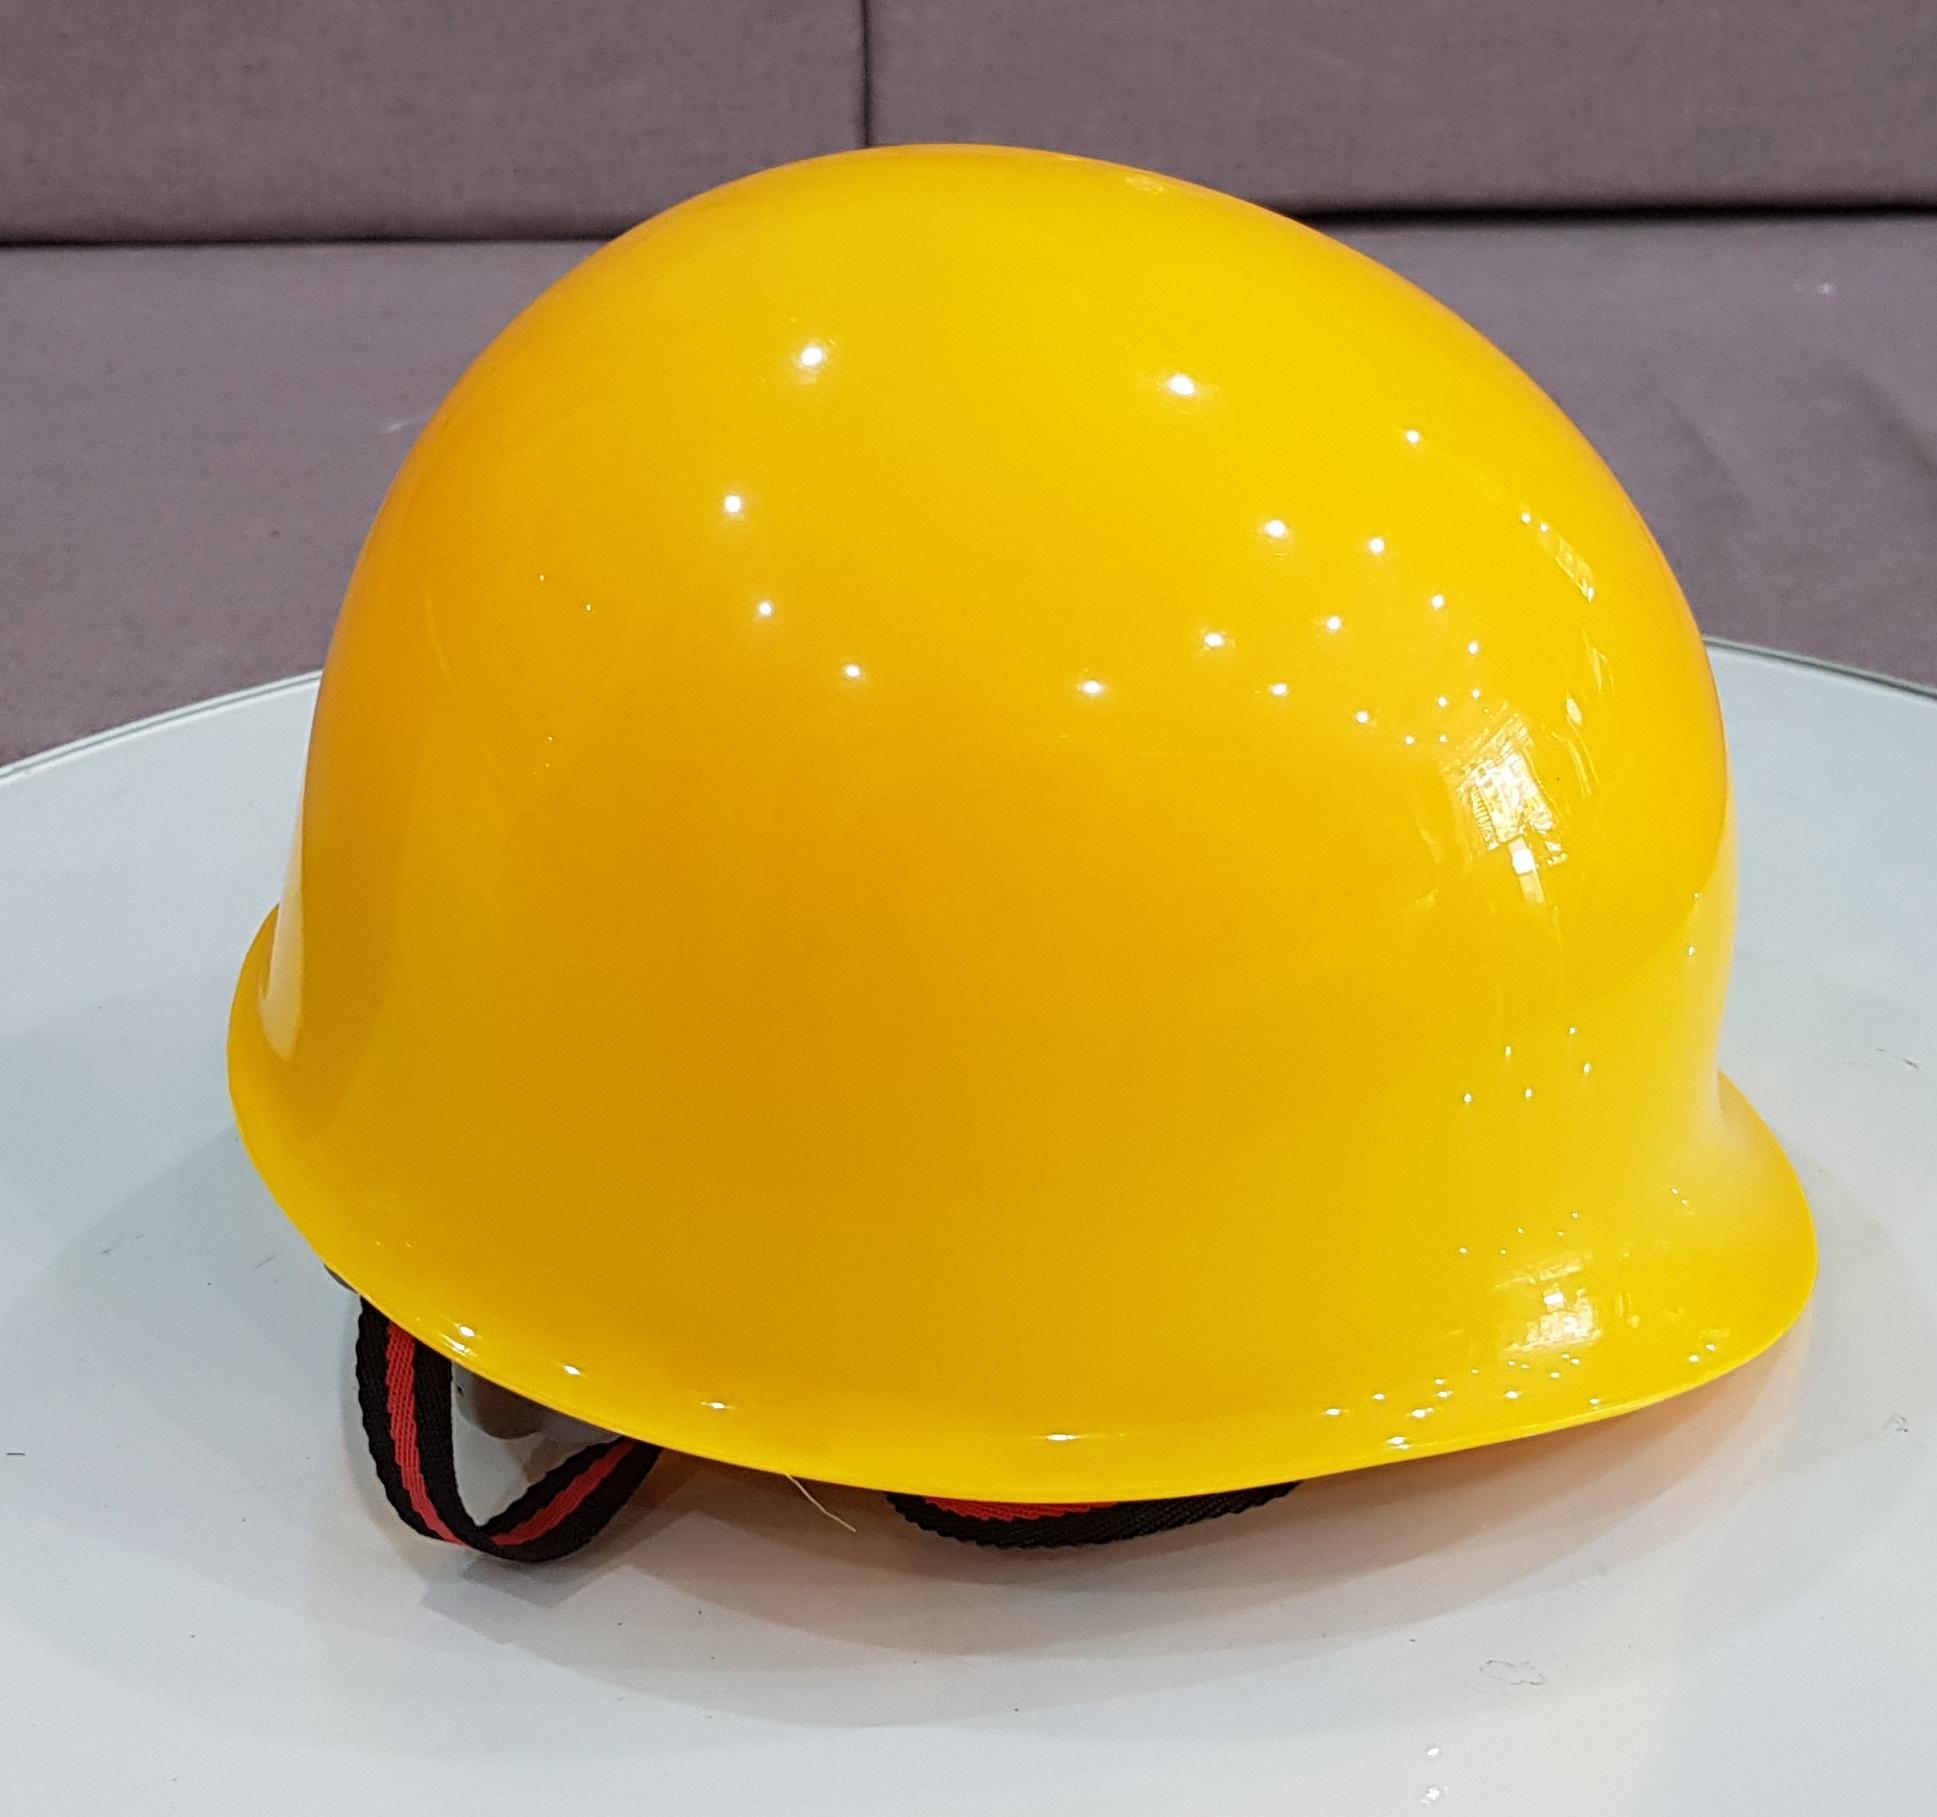 nón bảo hộ lao động kiểu nhật chống va đập/ mũ bảo hộ lao động kiểu nhật chống va đập màu cam